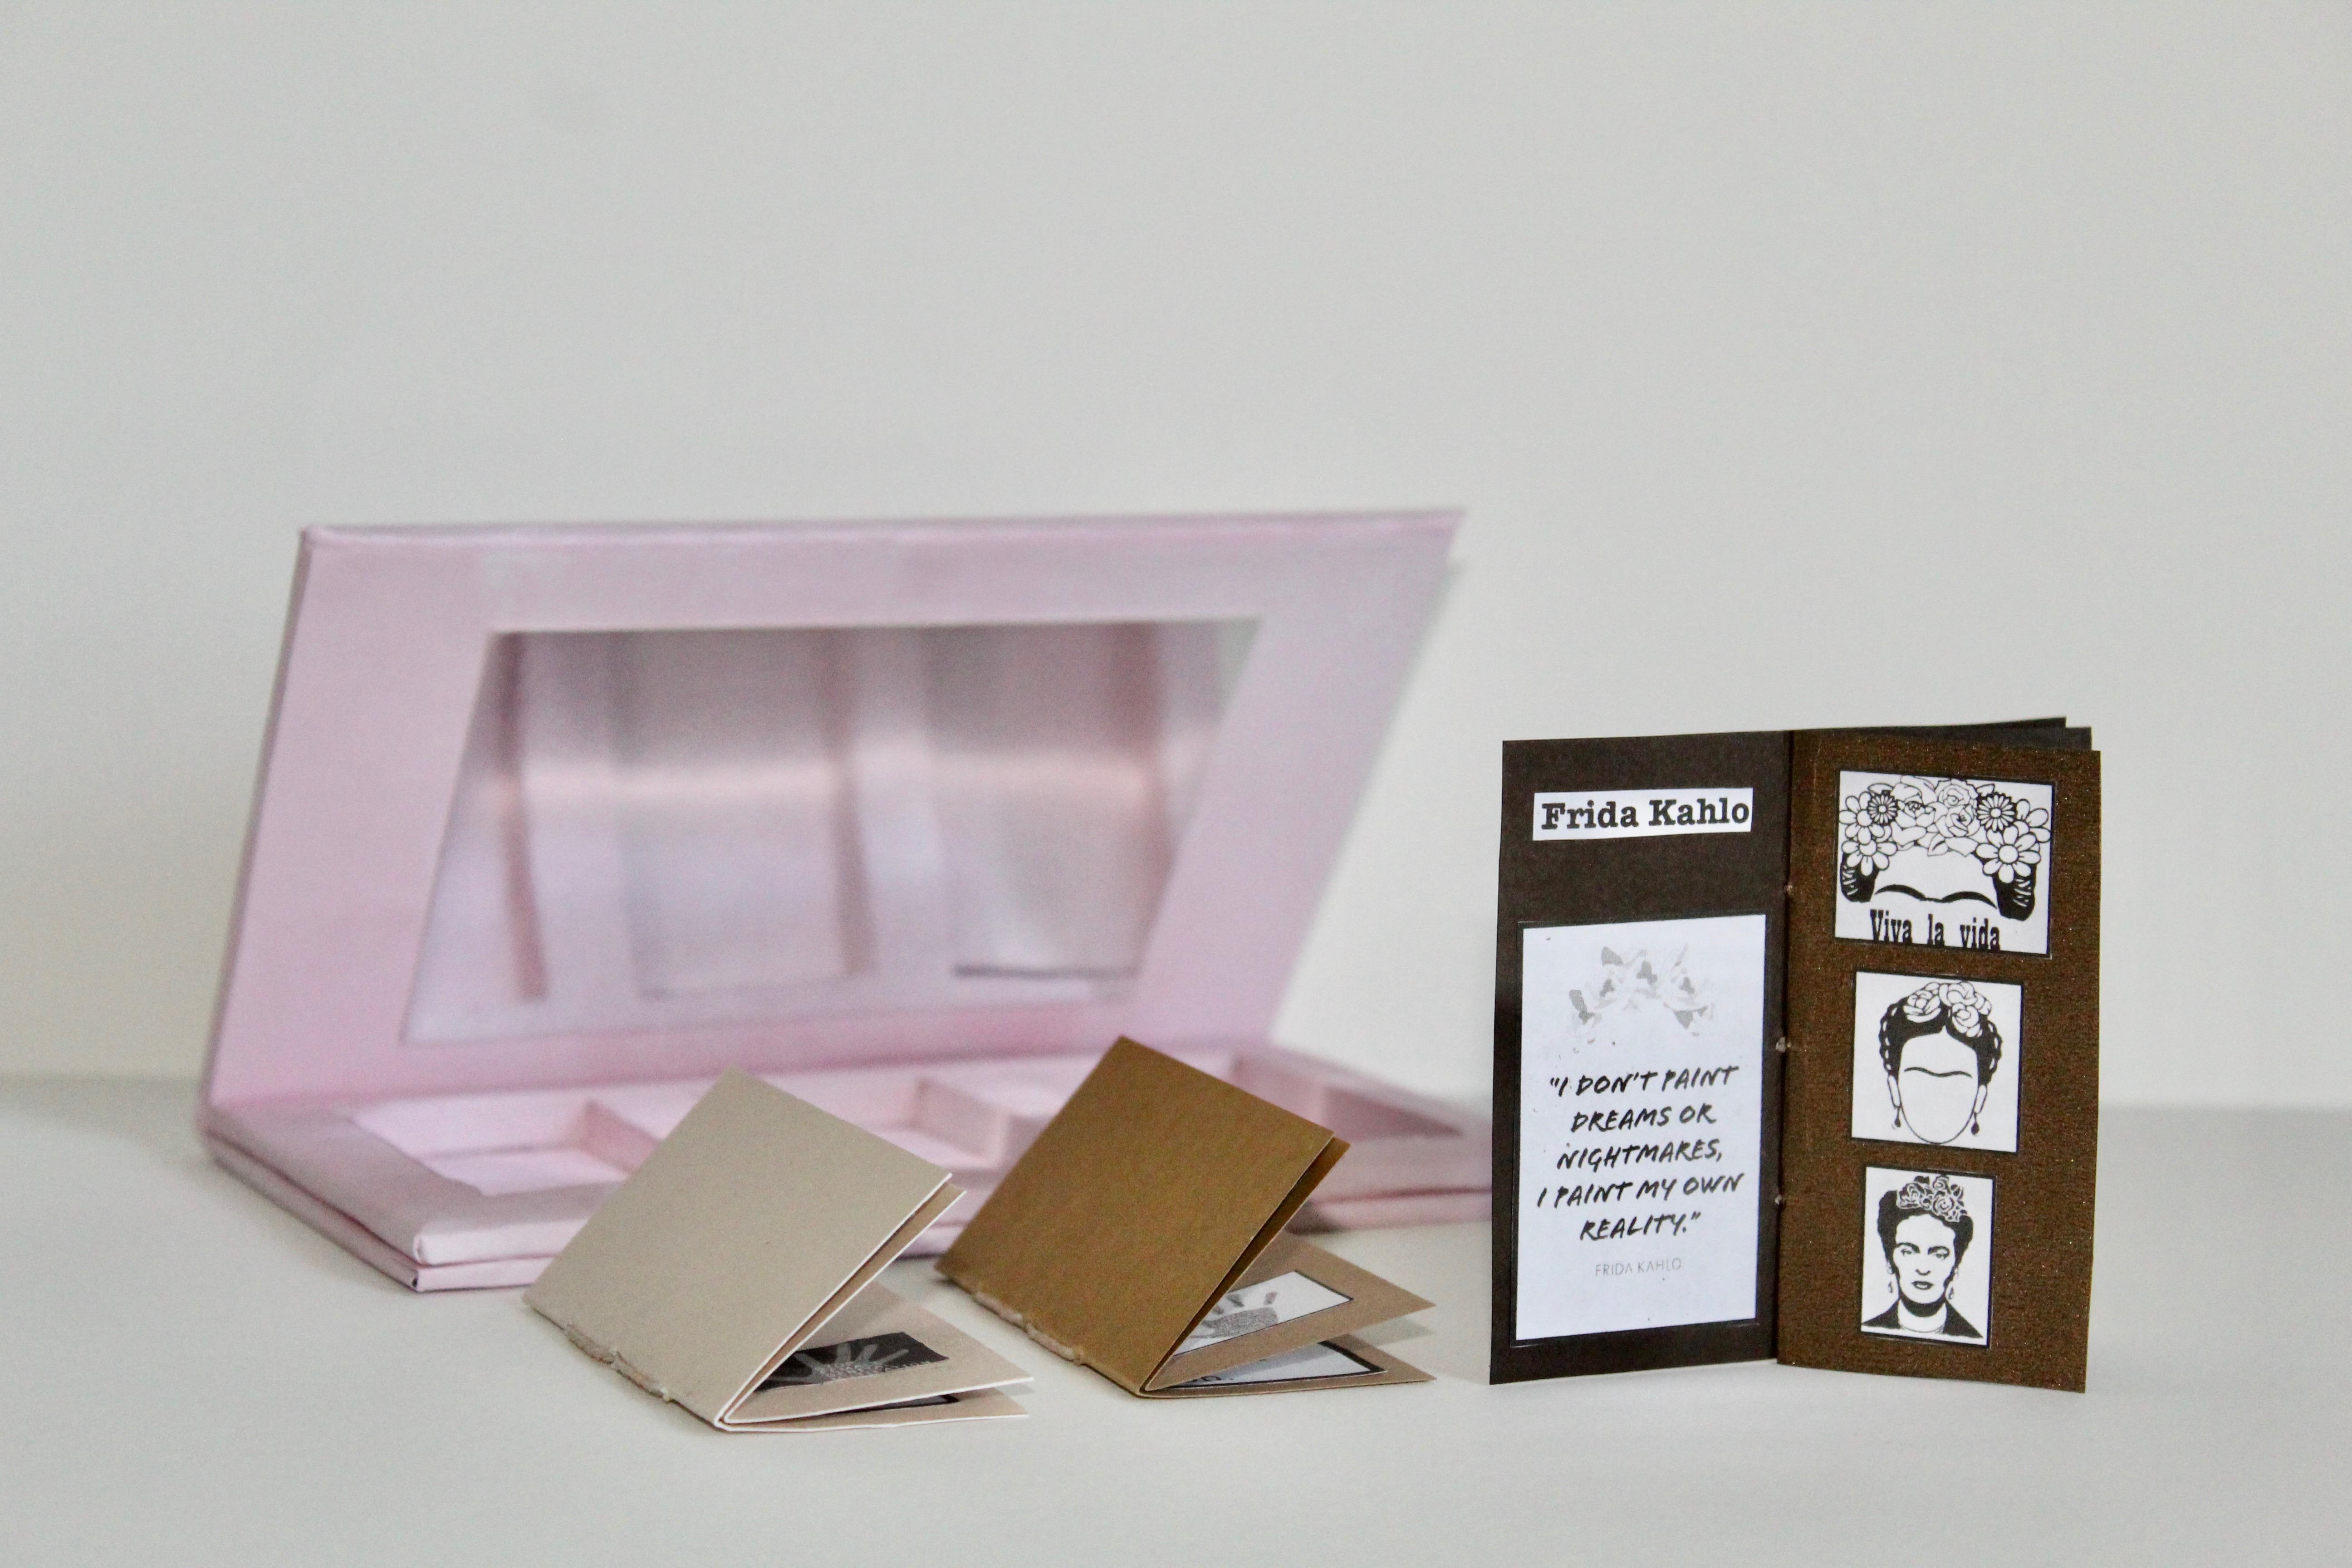 Anjelika Rodriguez Project, Image 4